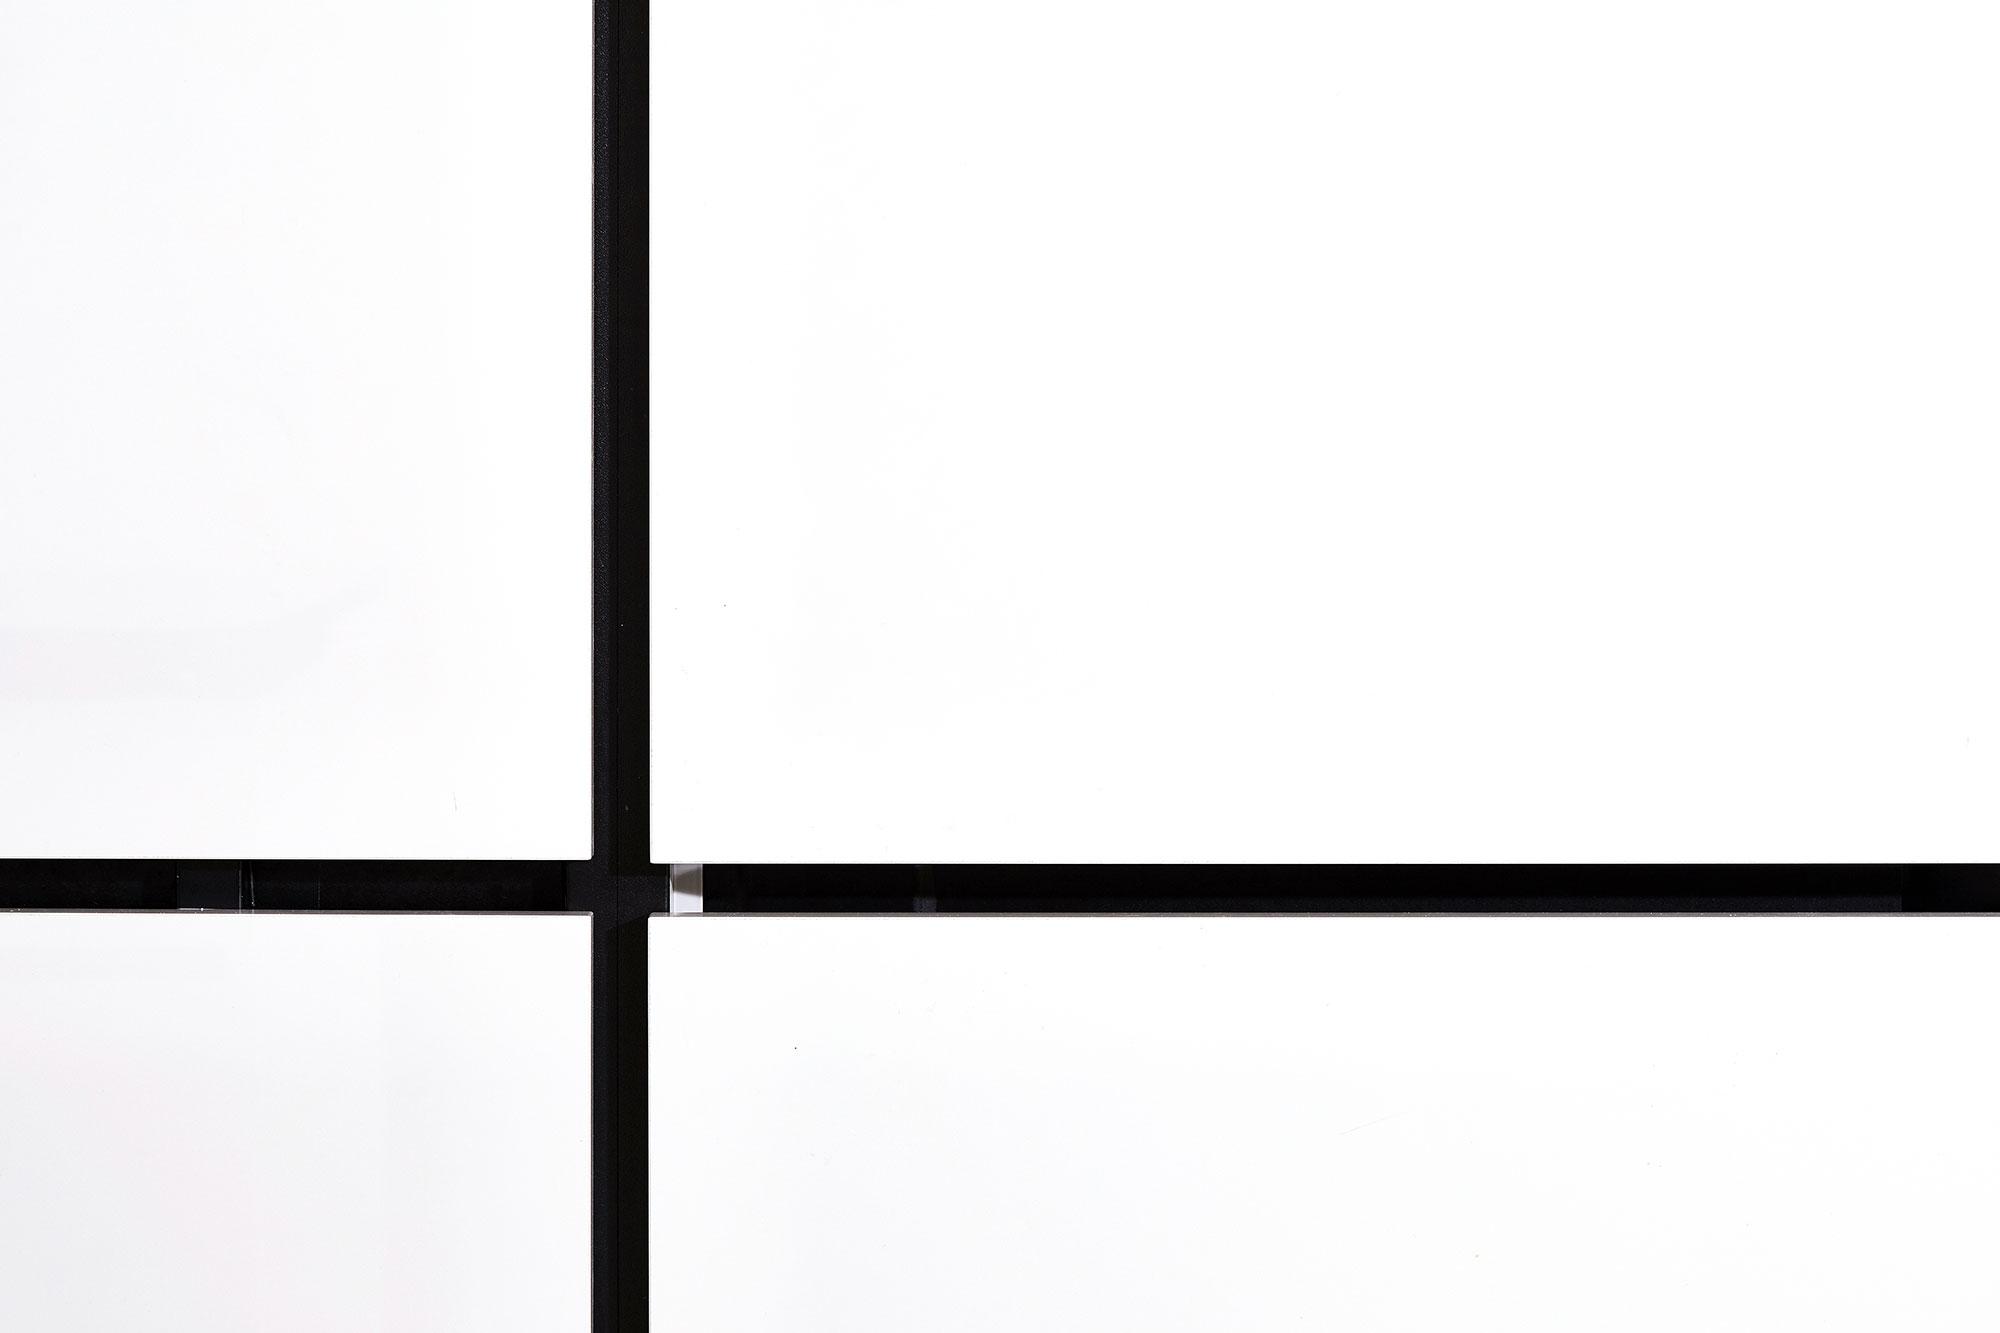 Tischlerei Stöckl Ebbs Inneneinrichtung Küche Wohnküche Hochglanz black/white Detailaufnahme